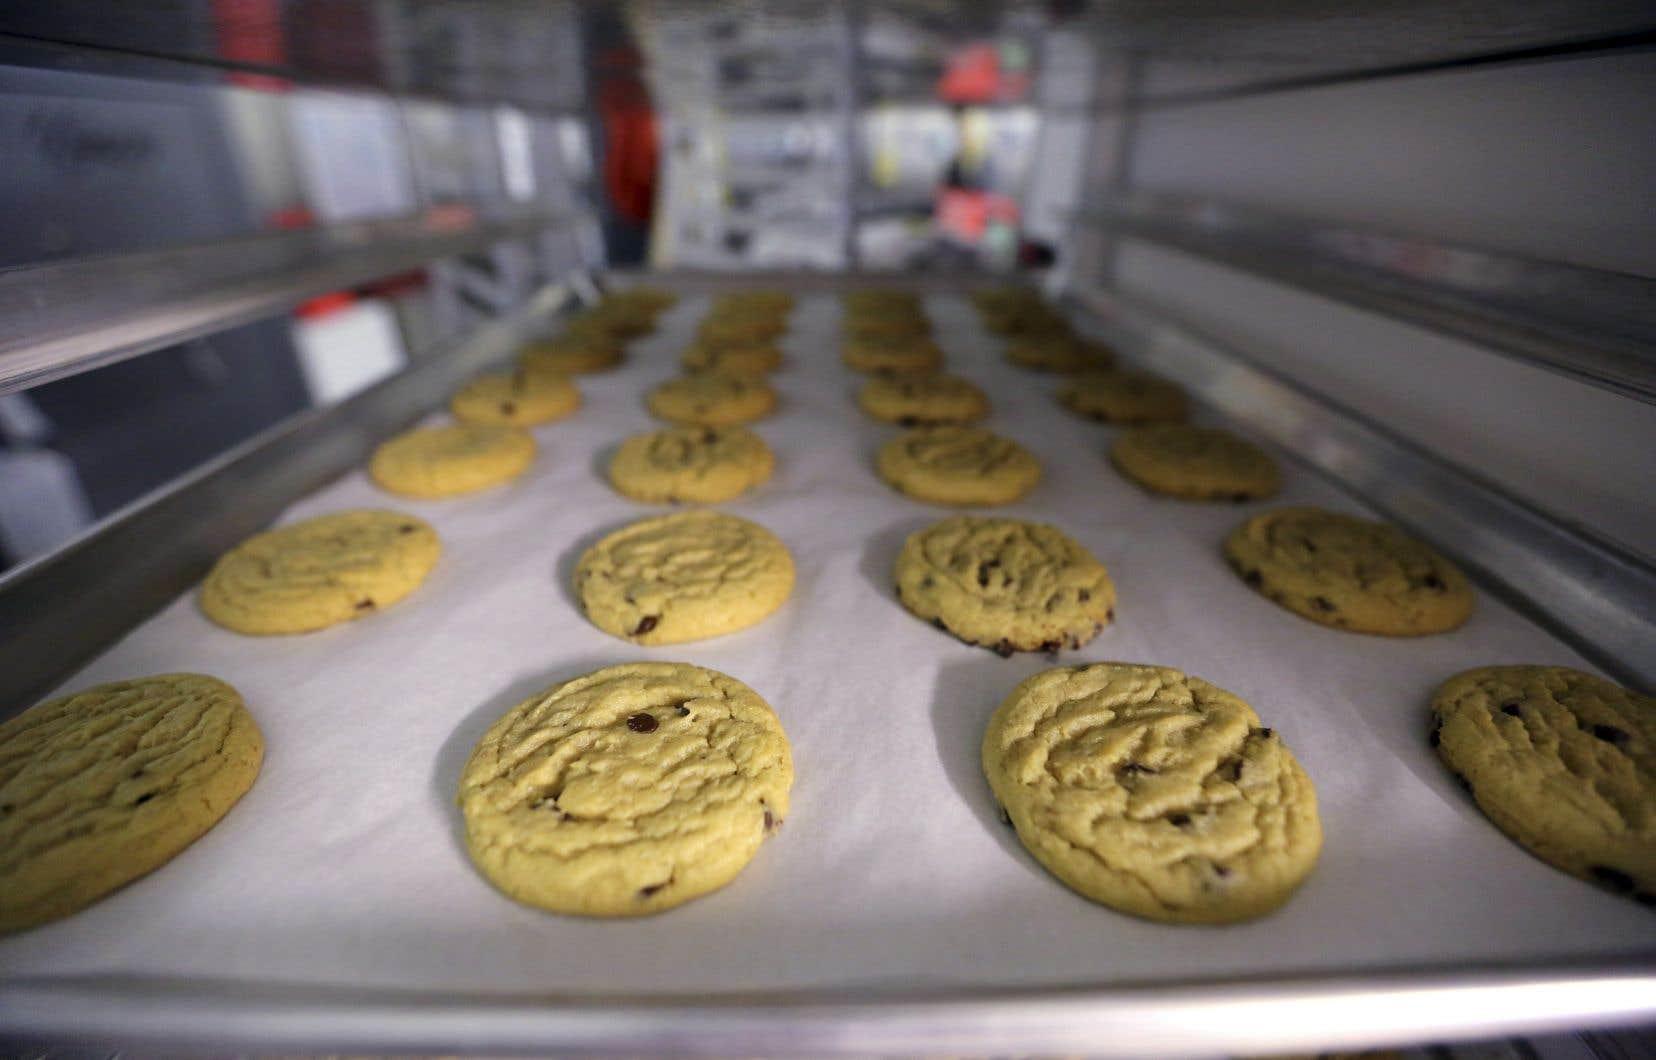 Des biscuits au cannabis préparés par une boulangerie à Denver, au Colorado